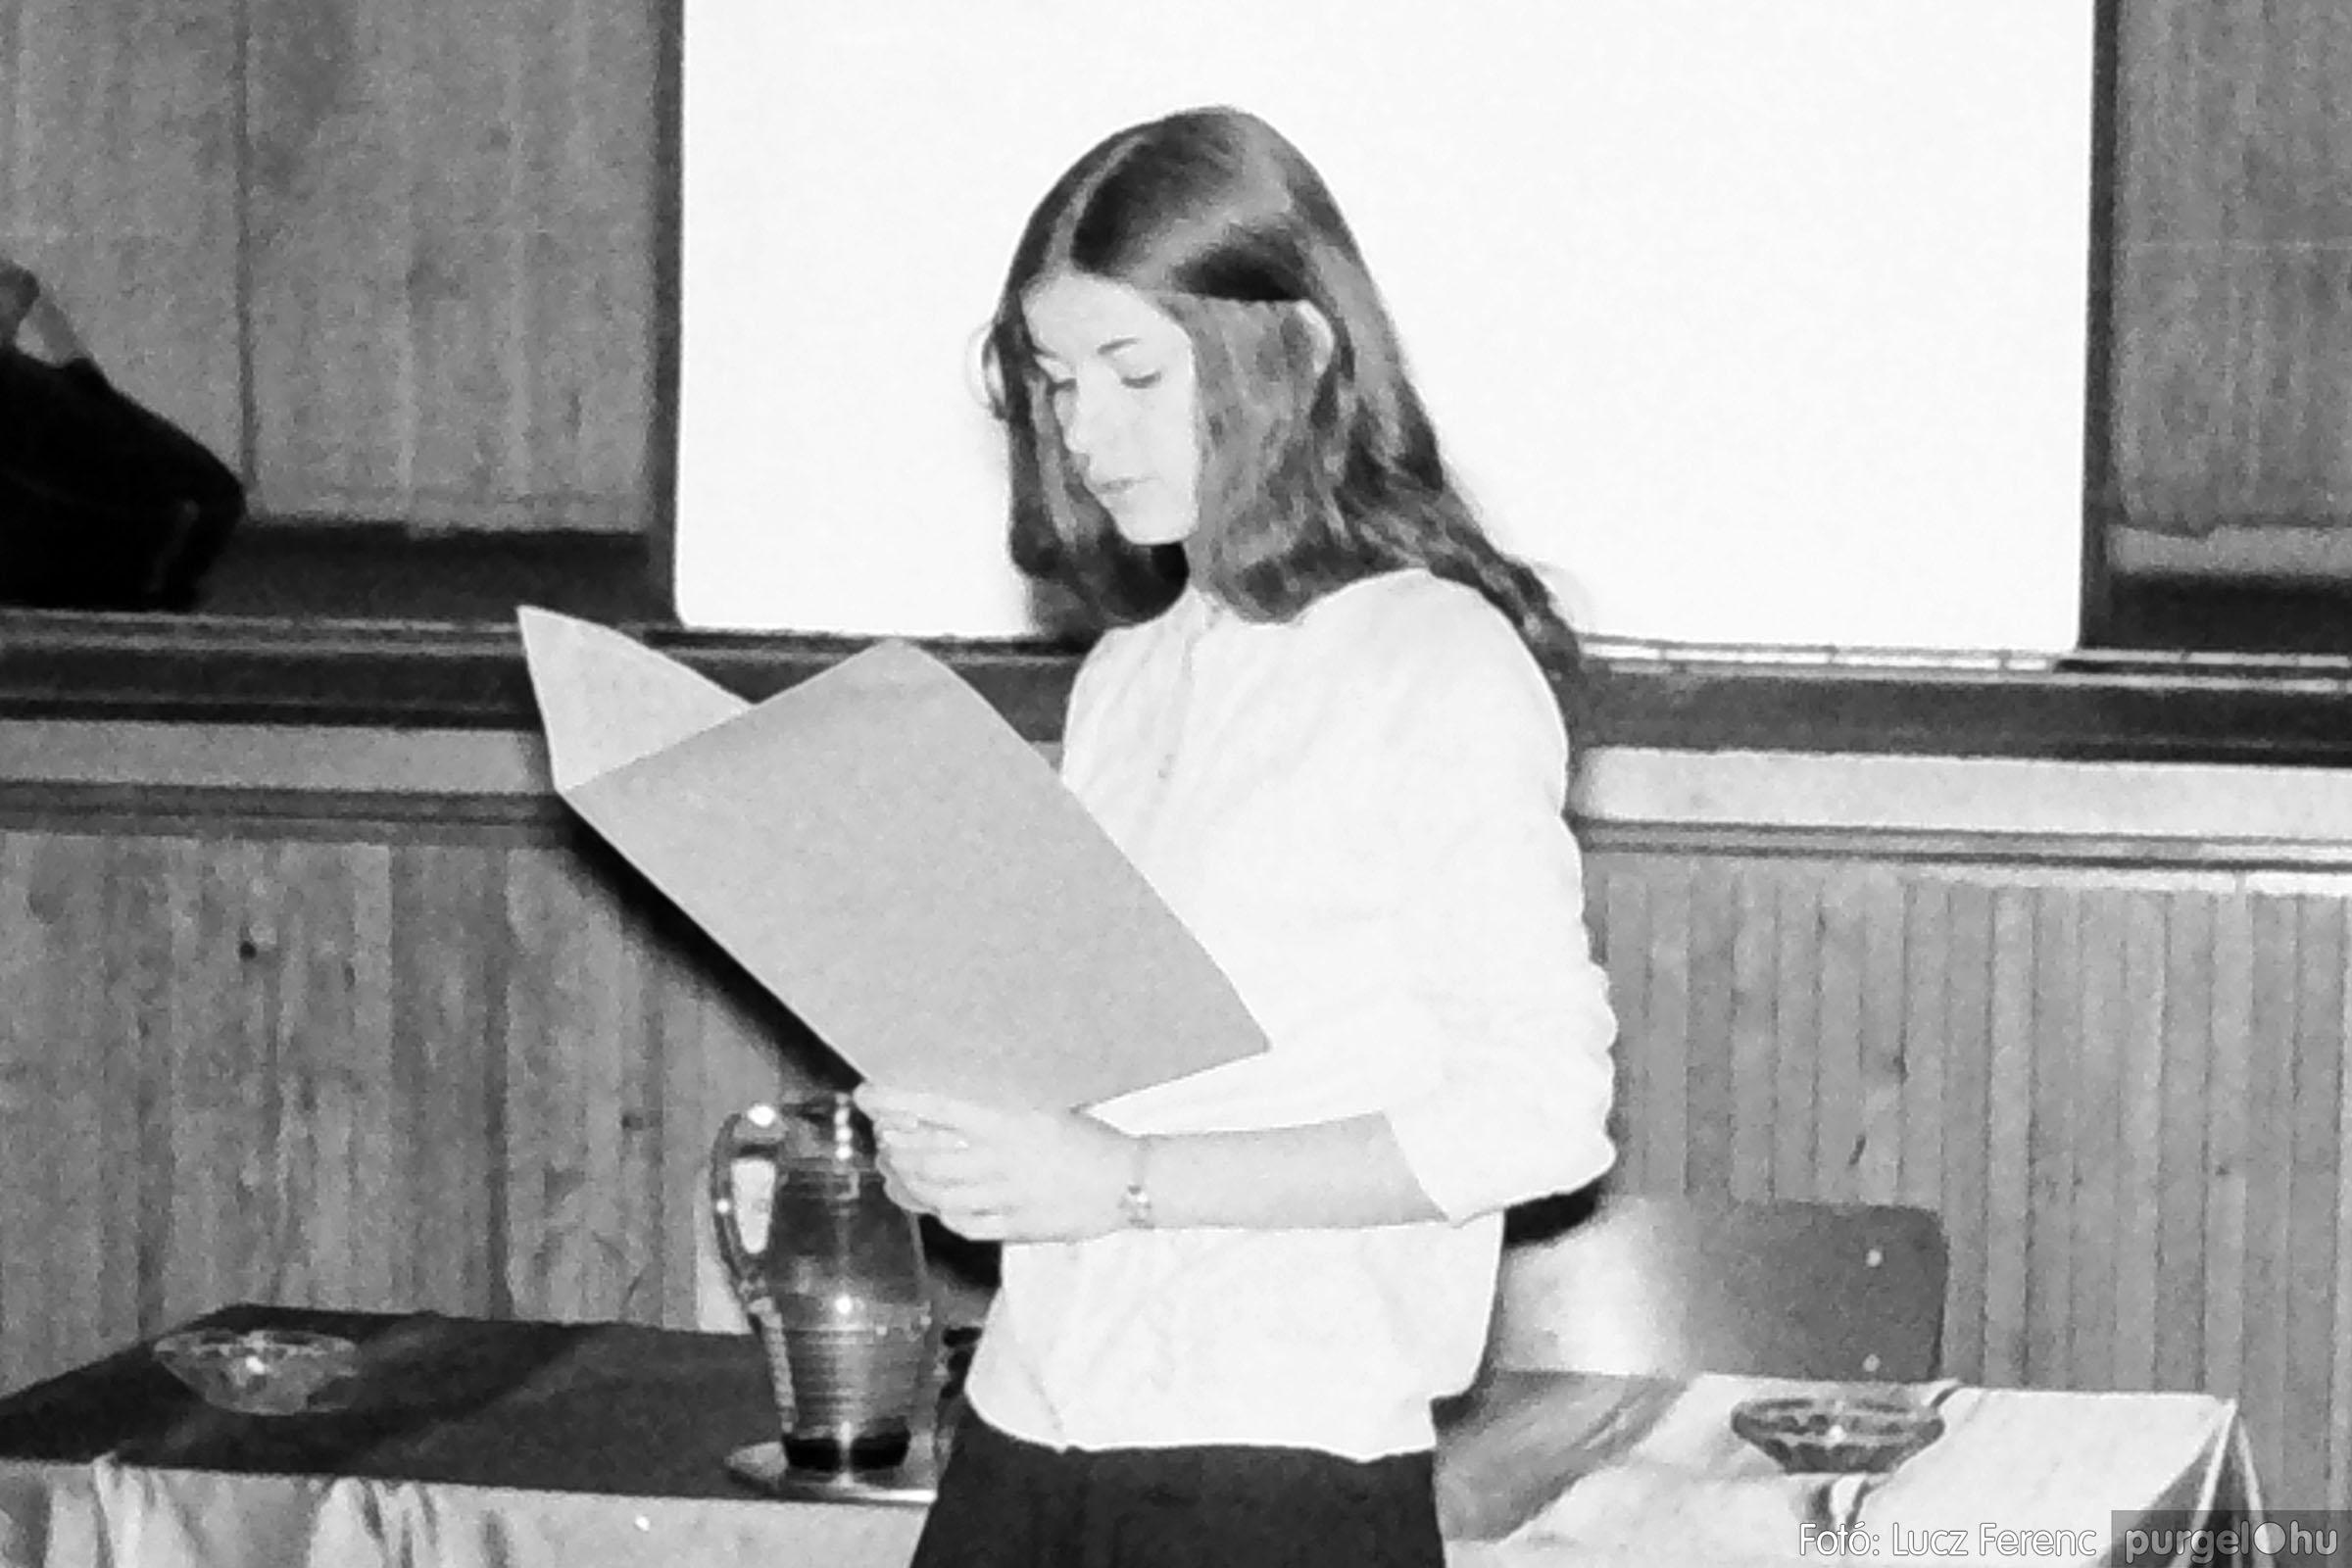 004A 1970-es évek - Kendergyári dolgozók vetélkedője 002 - Fotó: Lucz Ferenc IMG00082q.jpg